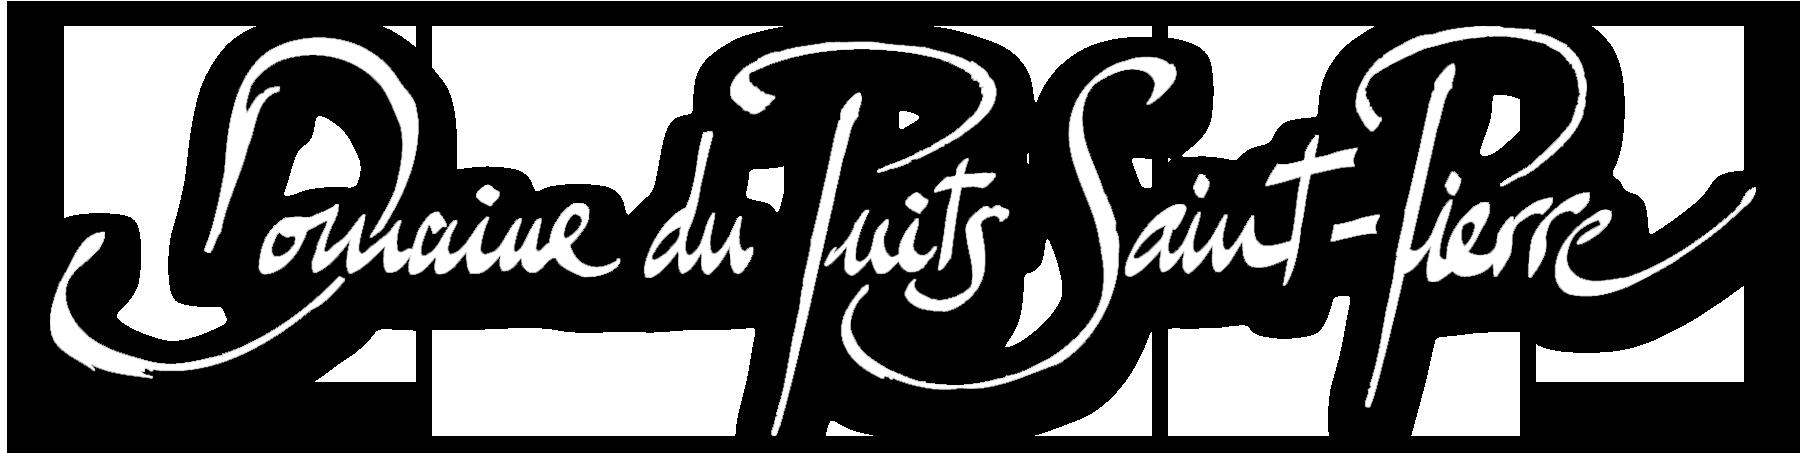 Domaine du Puits Saint Pierre